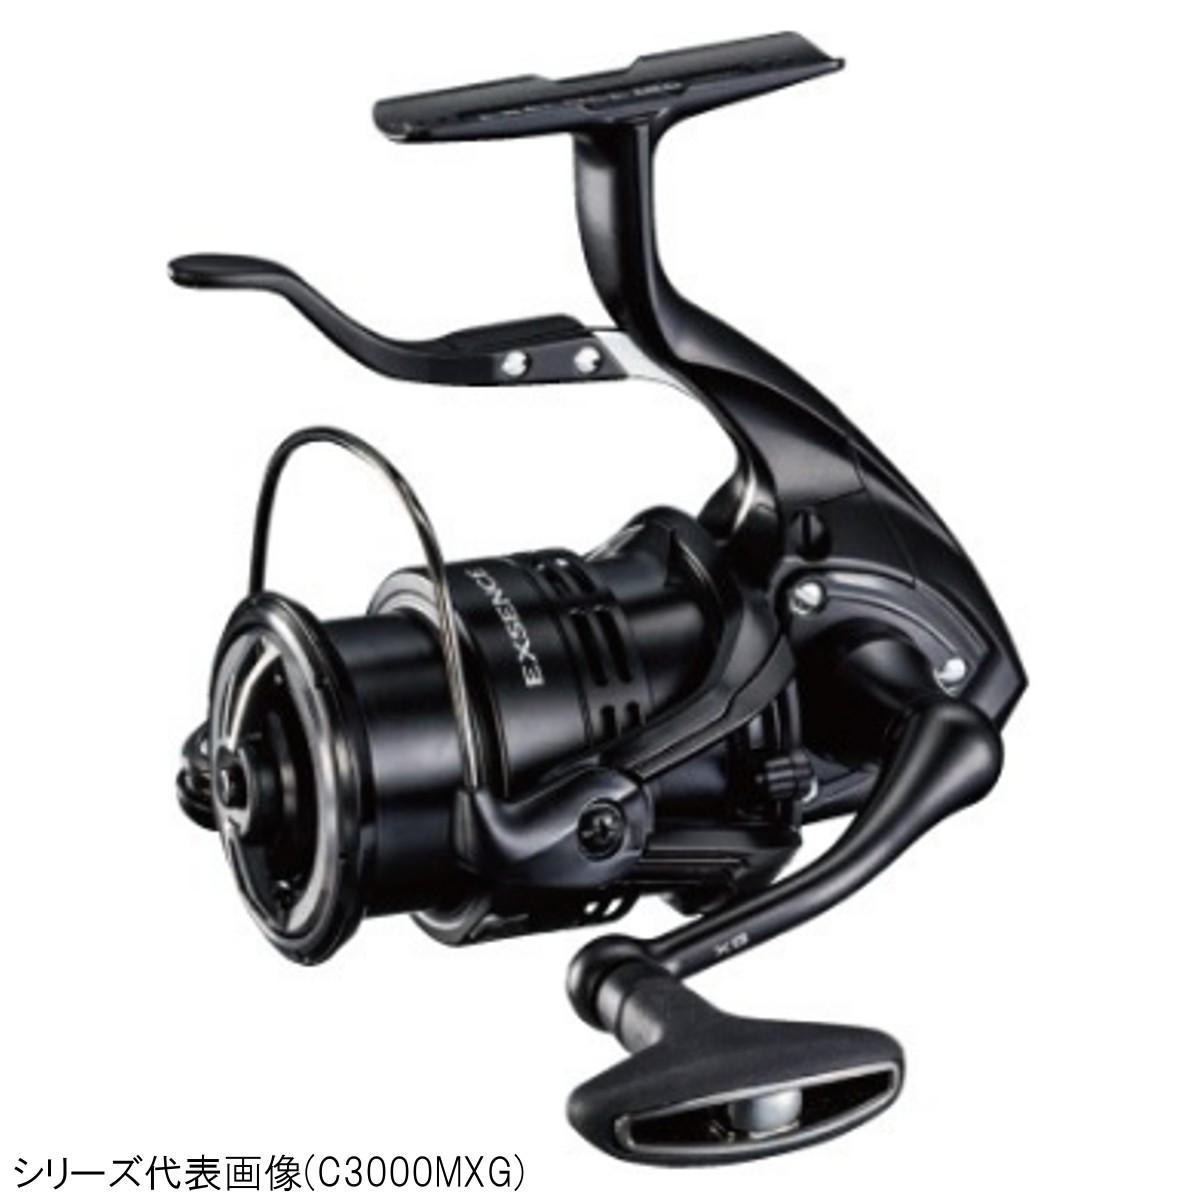 シマノ エクスセンスLB C3000MPG【送料無料】